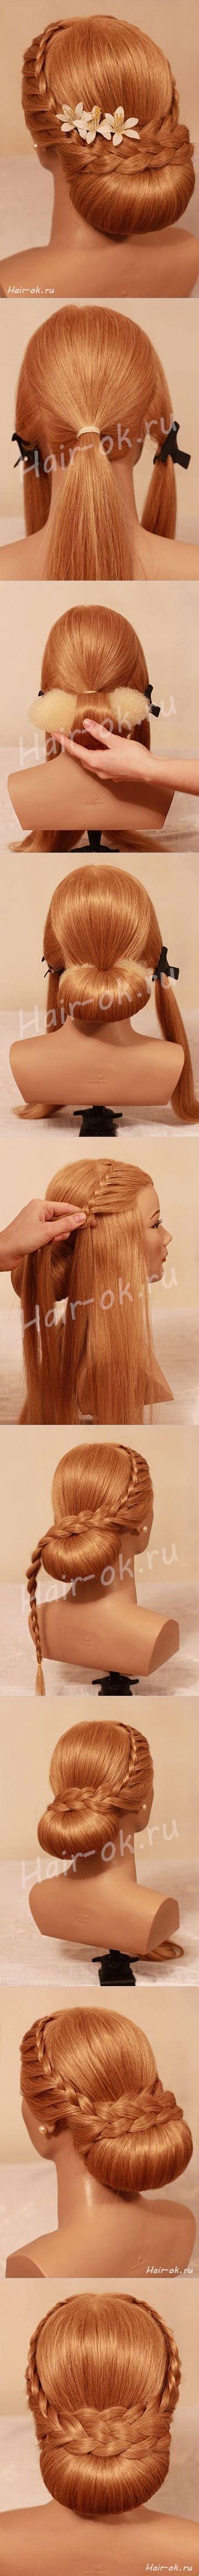 свадебные прически на длинные волосы фото, свадебные прически фото.